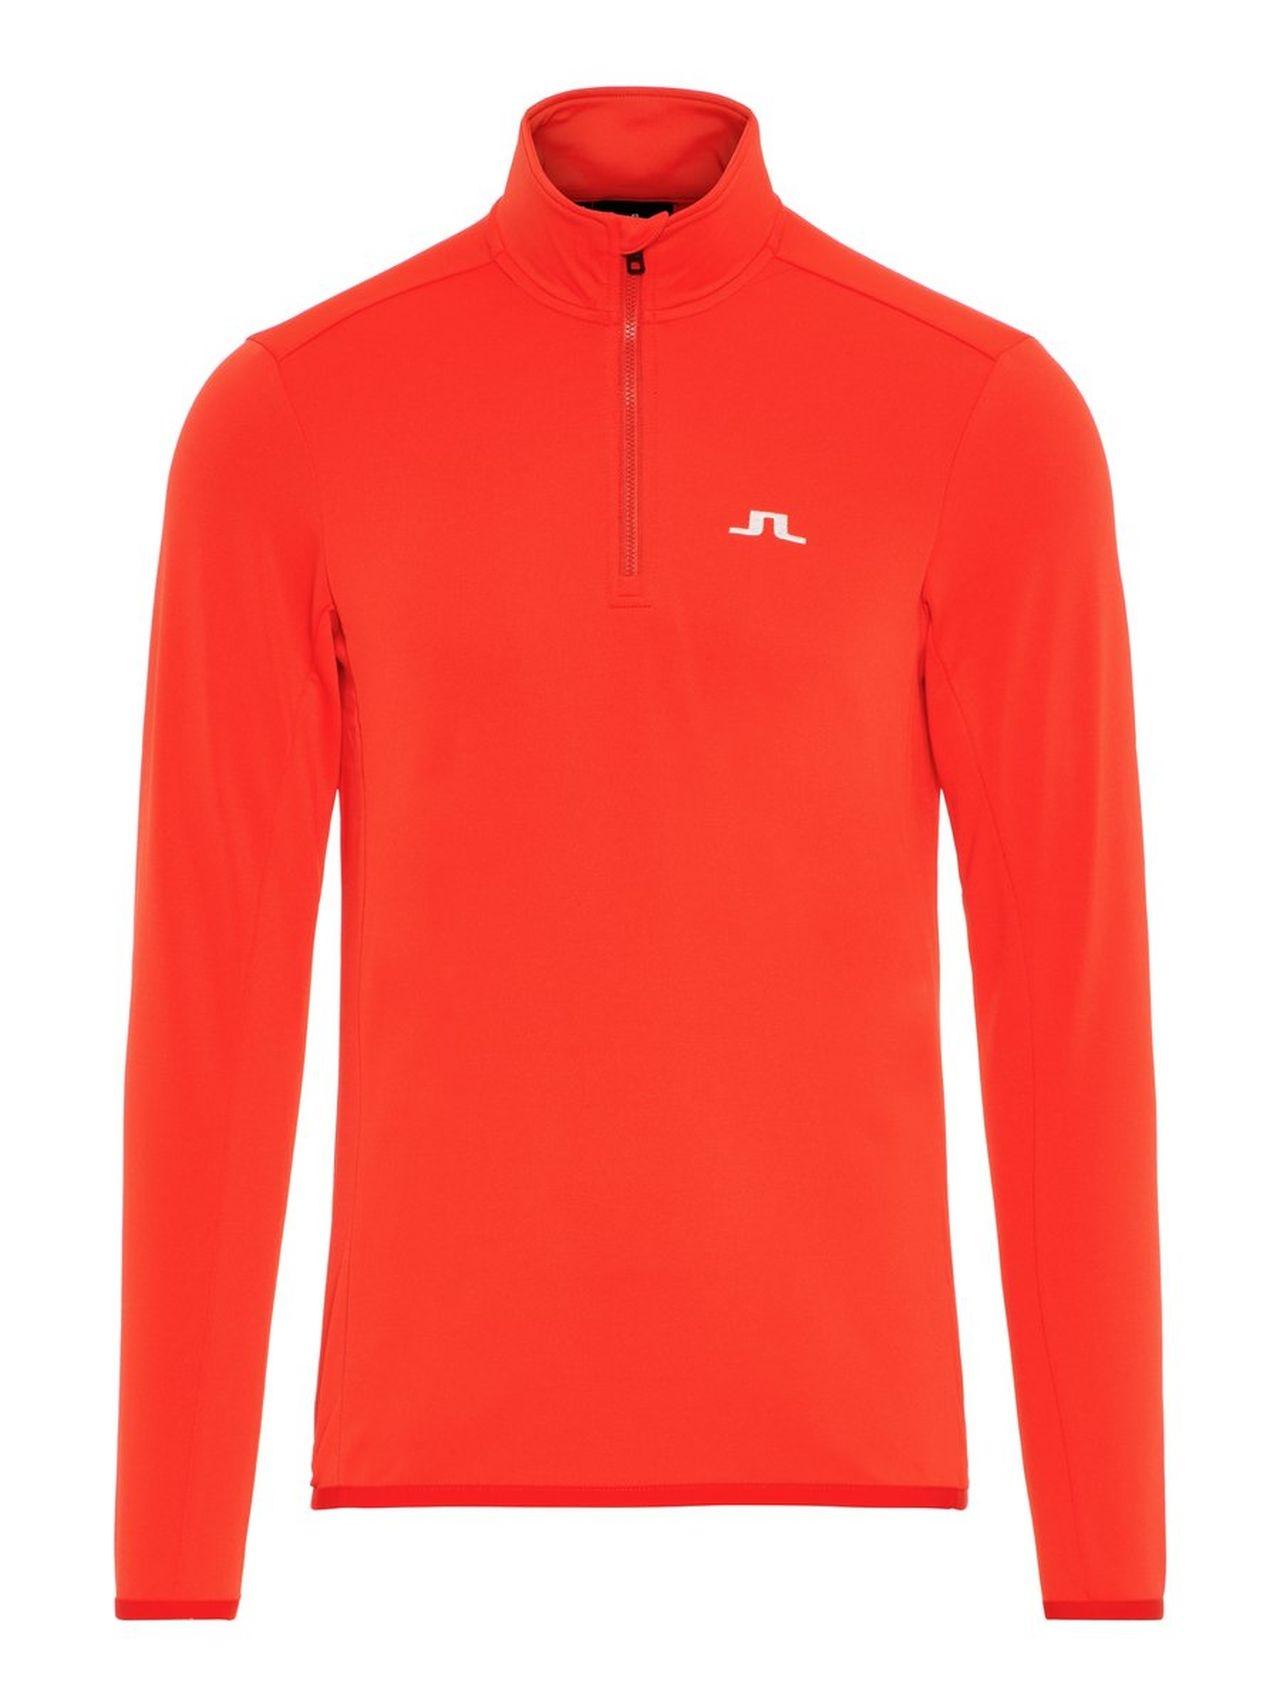 J.LINDEBERG Kimball Half Zip Fieldsensor Sweater Man Röd